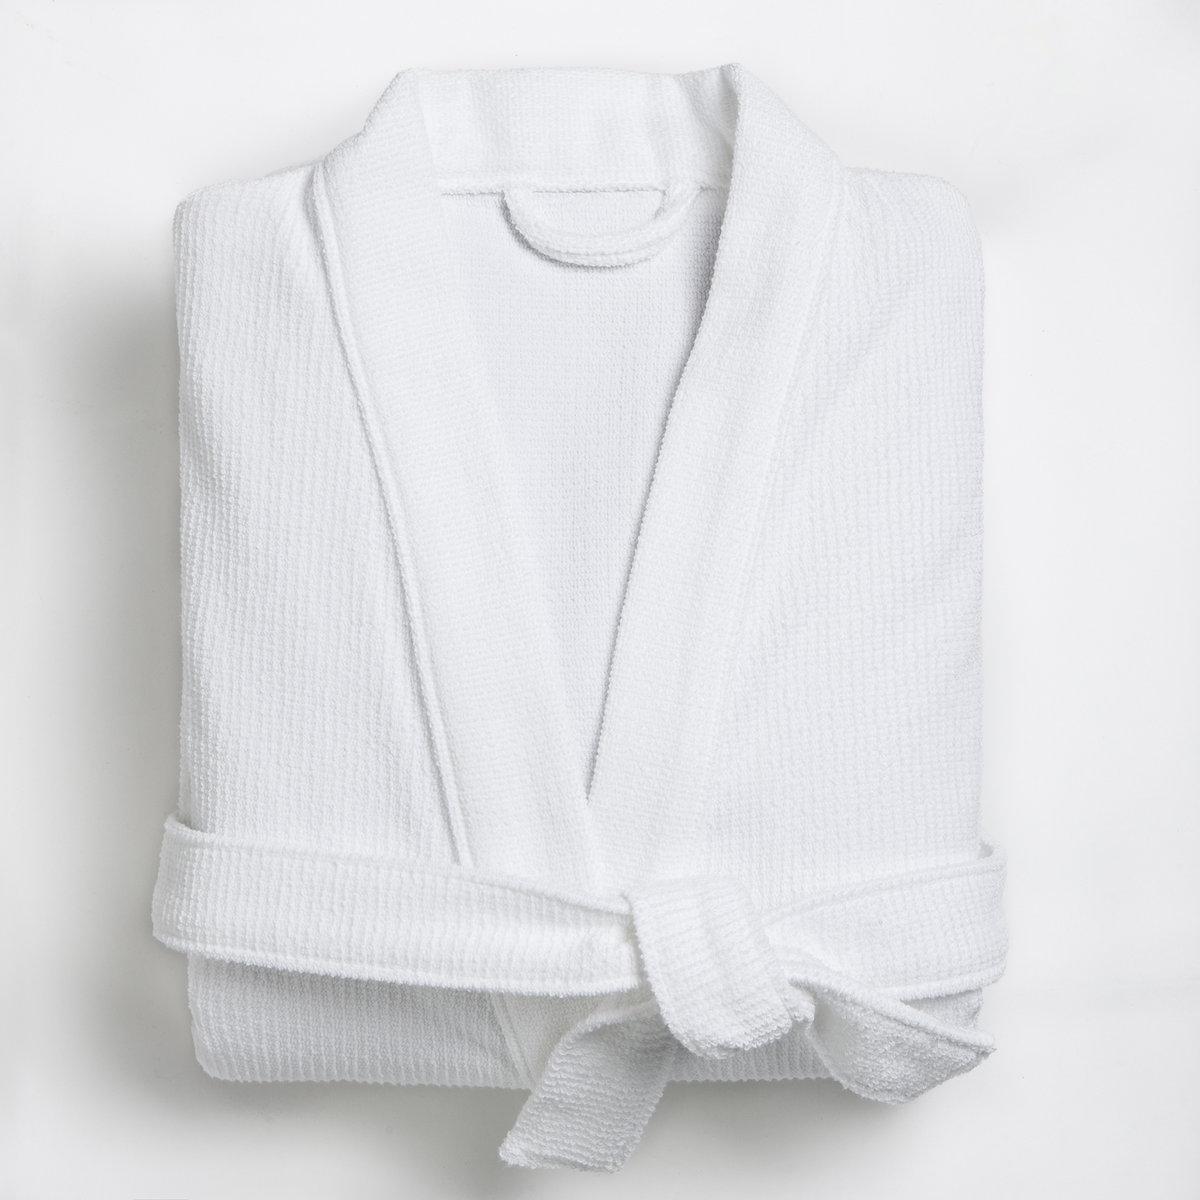 Халат махровый, 400 г/м?Характеристики махрового  халата, 400 г/м?:100% хлопка (400 г/м?). Материал долго сохраняет мягкость и прочность. Превосходная стойкость цвета при стирке 60°.Машинная сушка.<br><br>Цвет: антрацит,белый